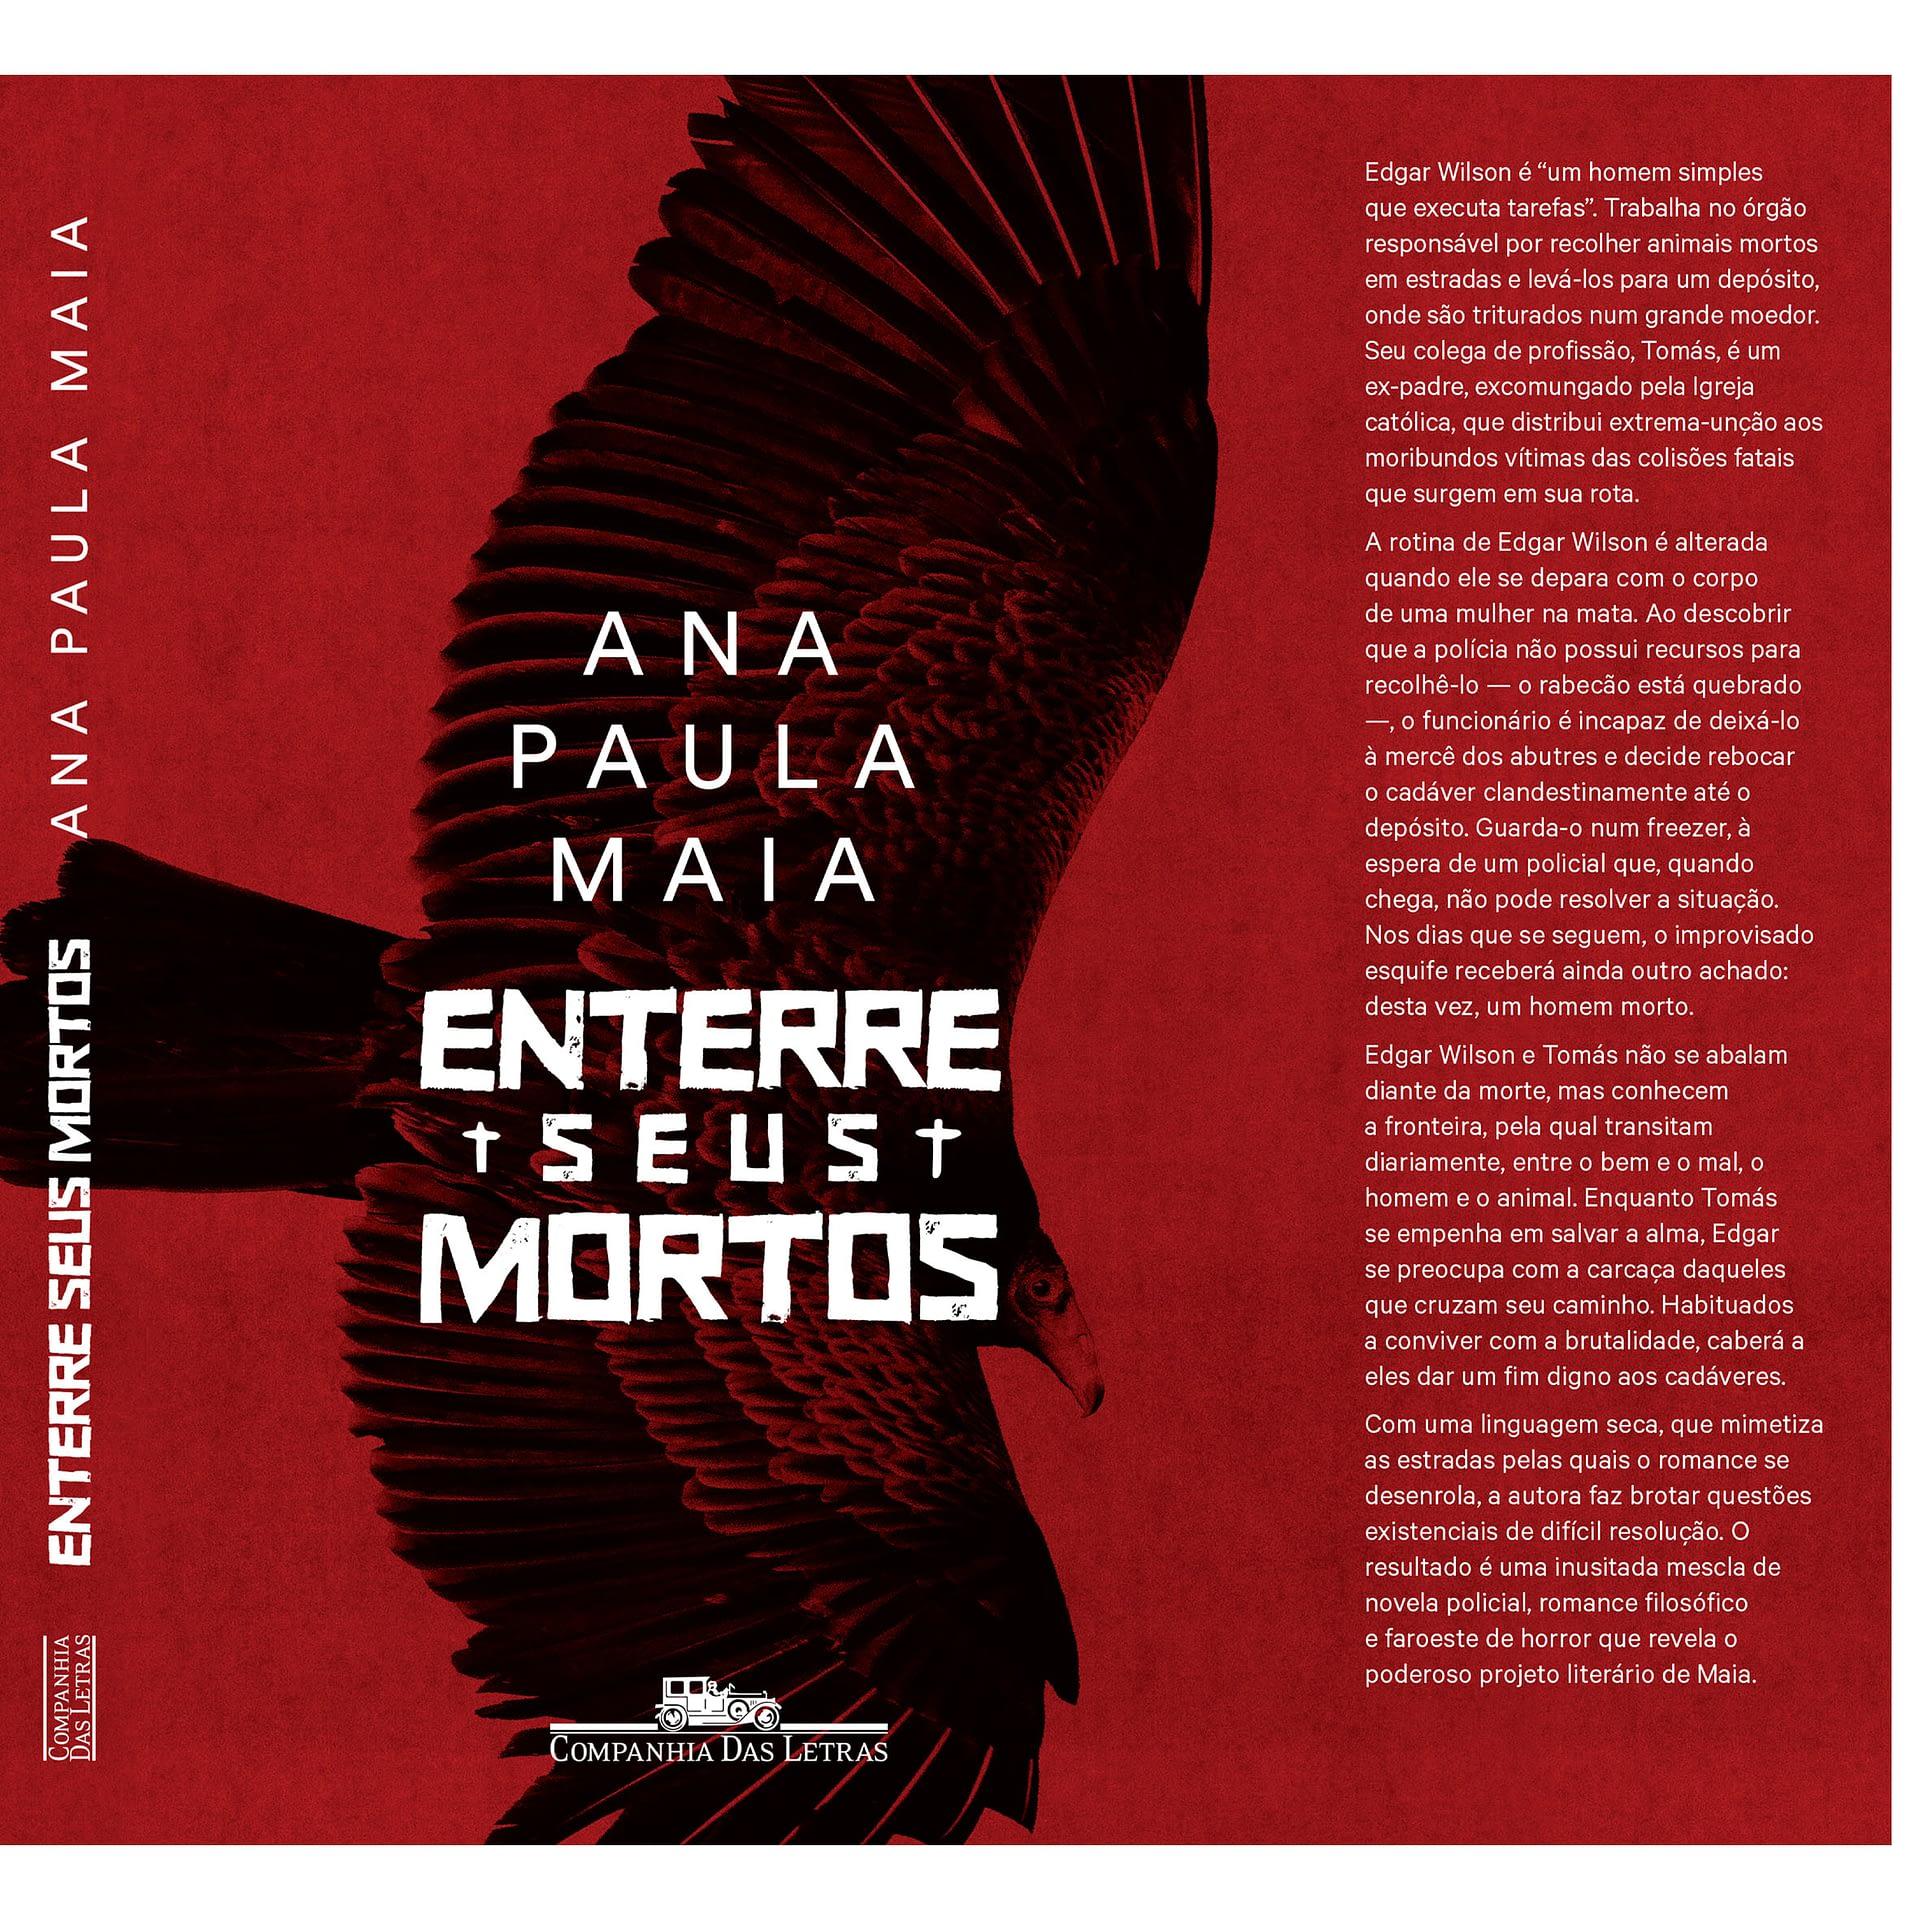 capa_enterreseusmortos_05